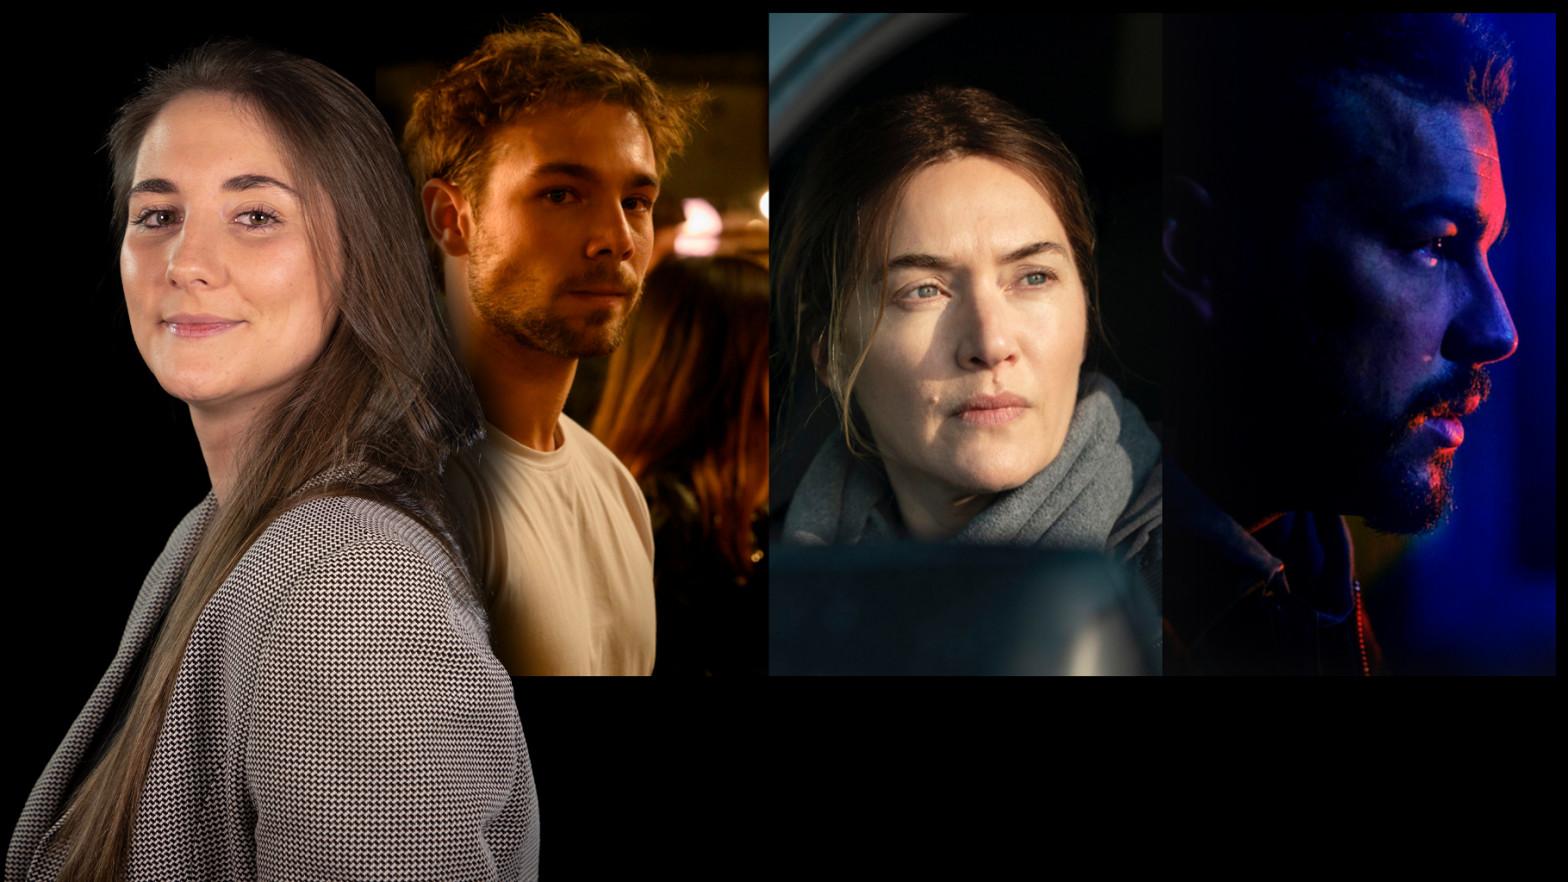 Los mejores estrenos de series de abril en Netflix, HBO, Amazon y Movistar+